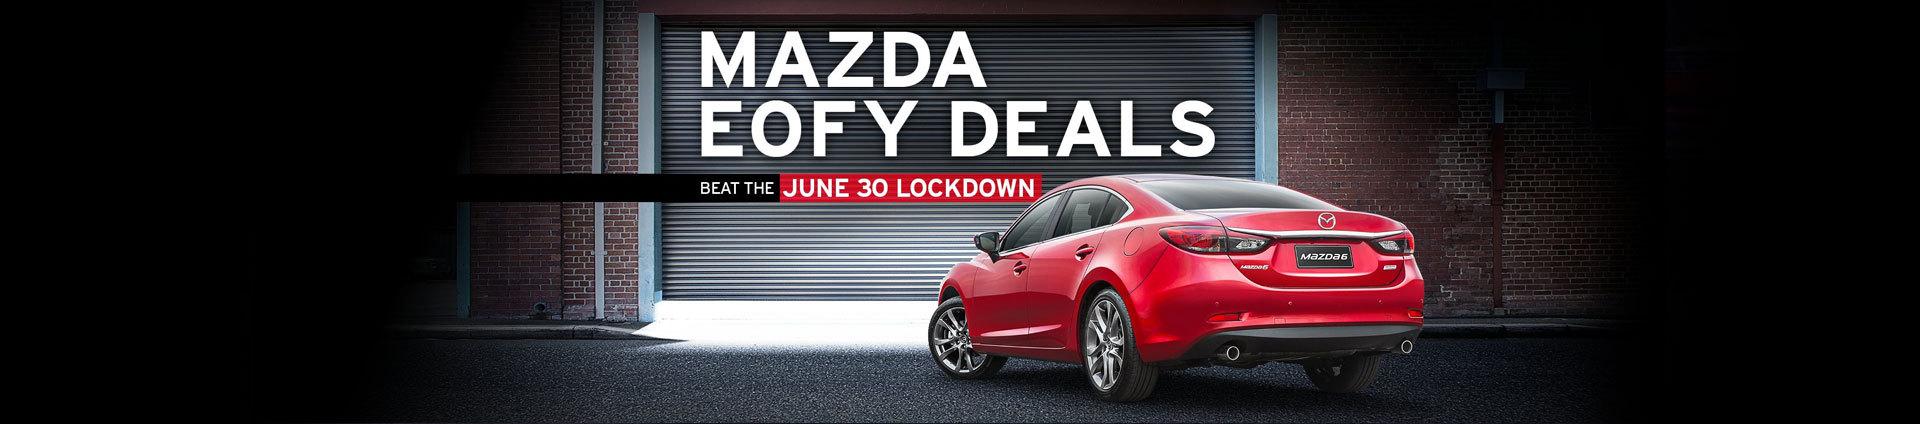 EOFY Deals - Beat the June 30 Lockdown